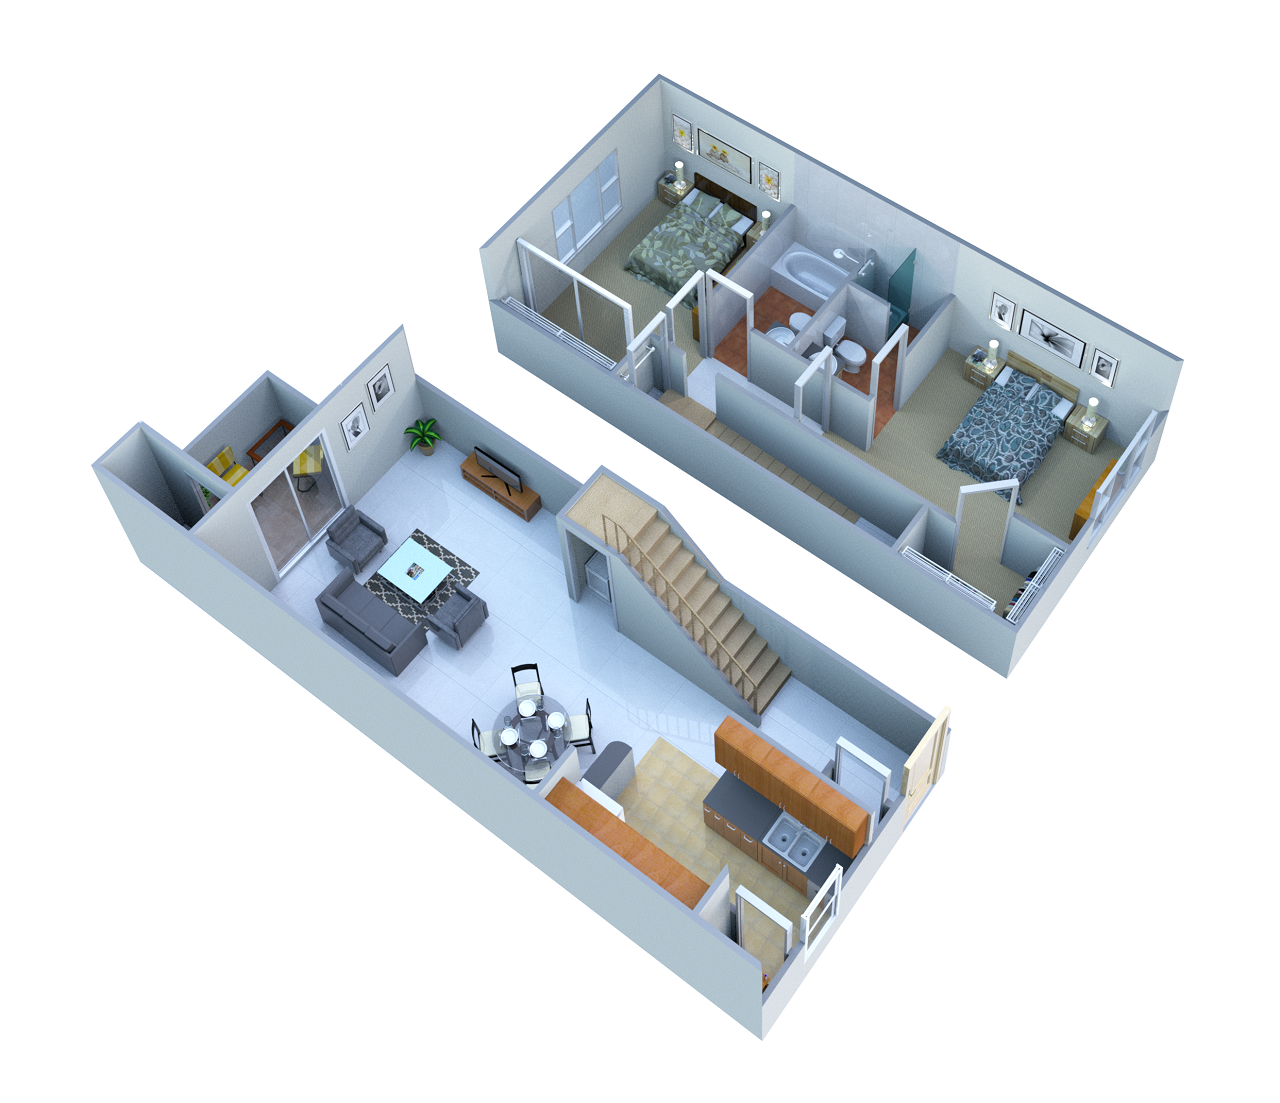 2 Bed 2 Bath Townhome Floor Plan 3